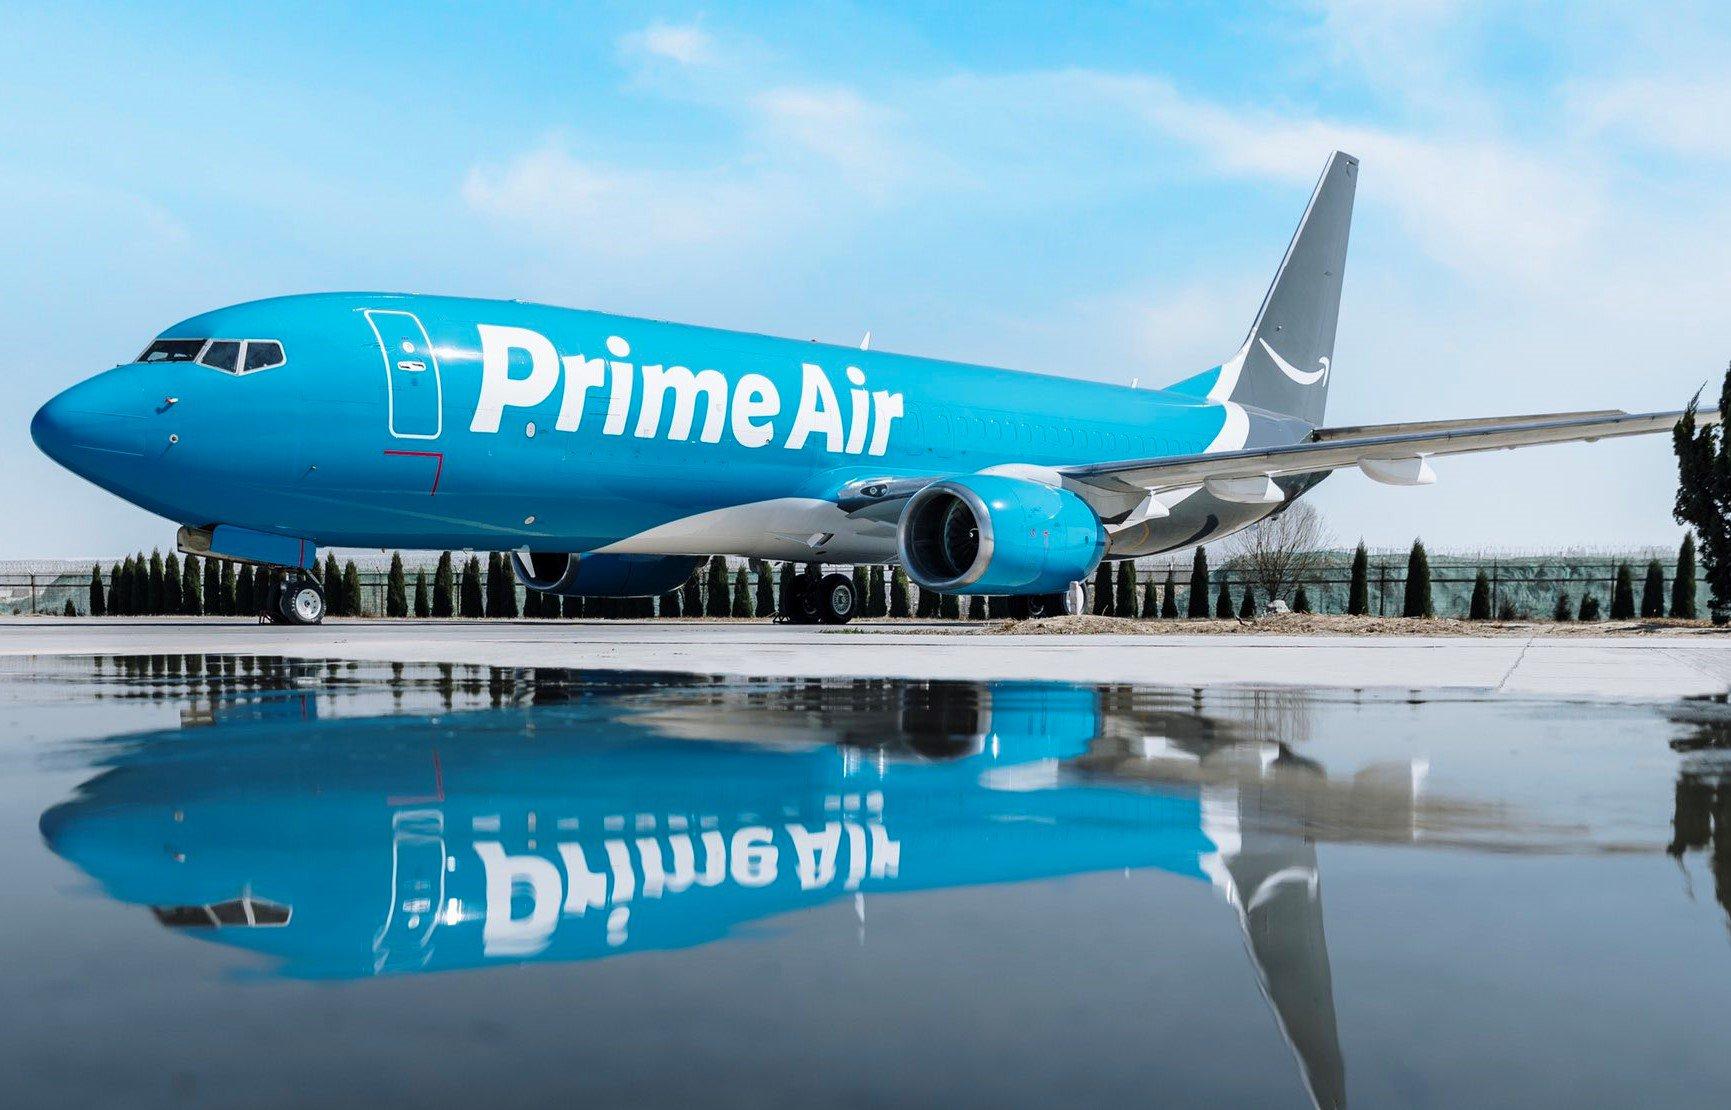 Amazon investindo em um aeroporto? O que vem por aí?